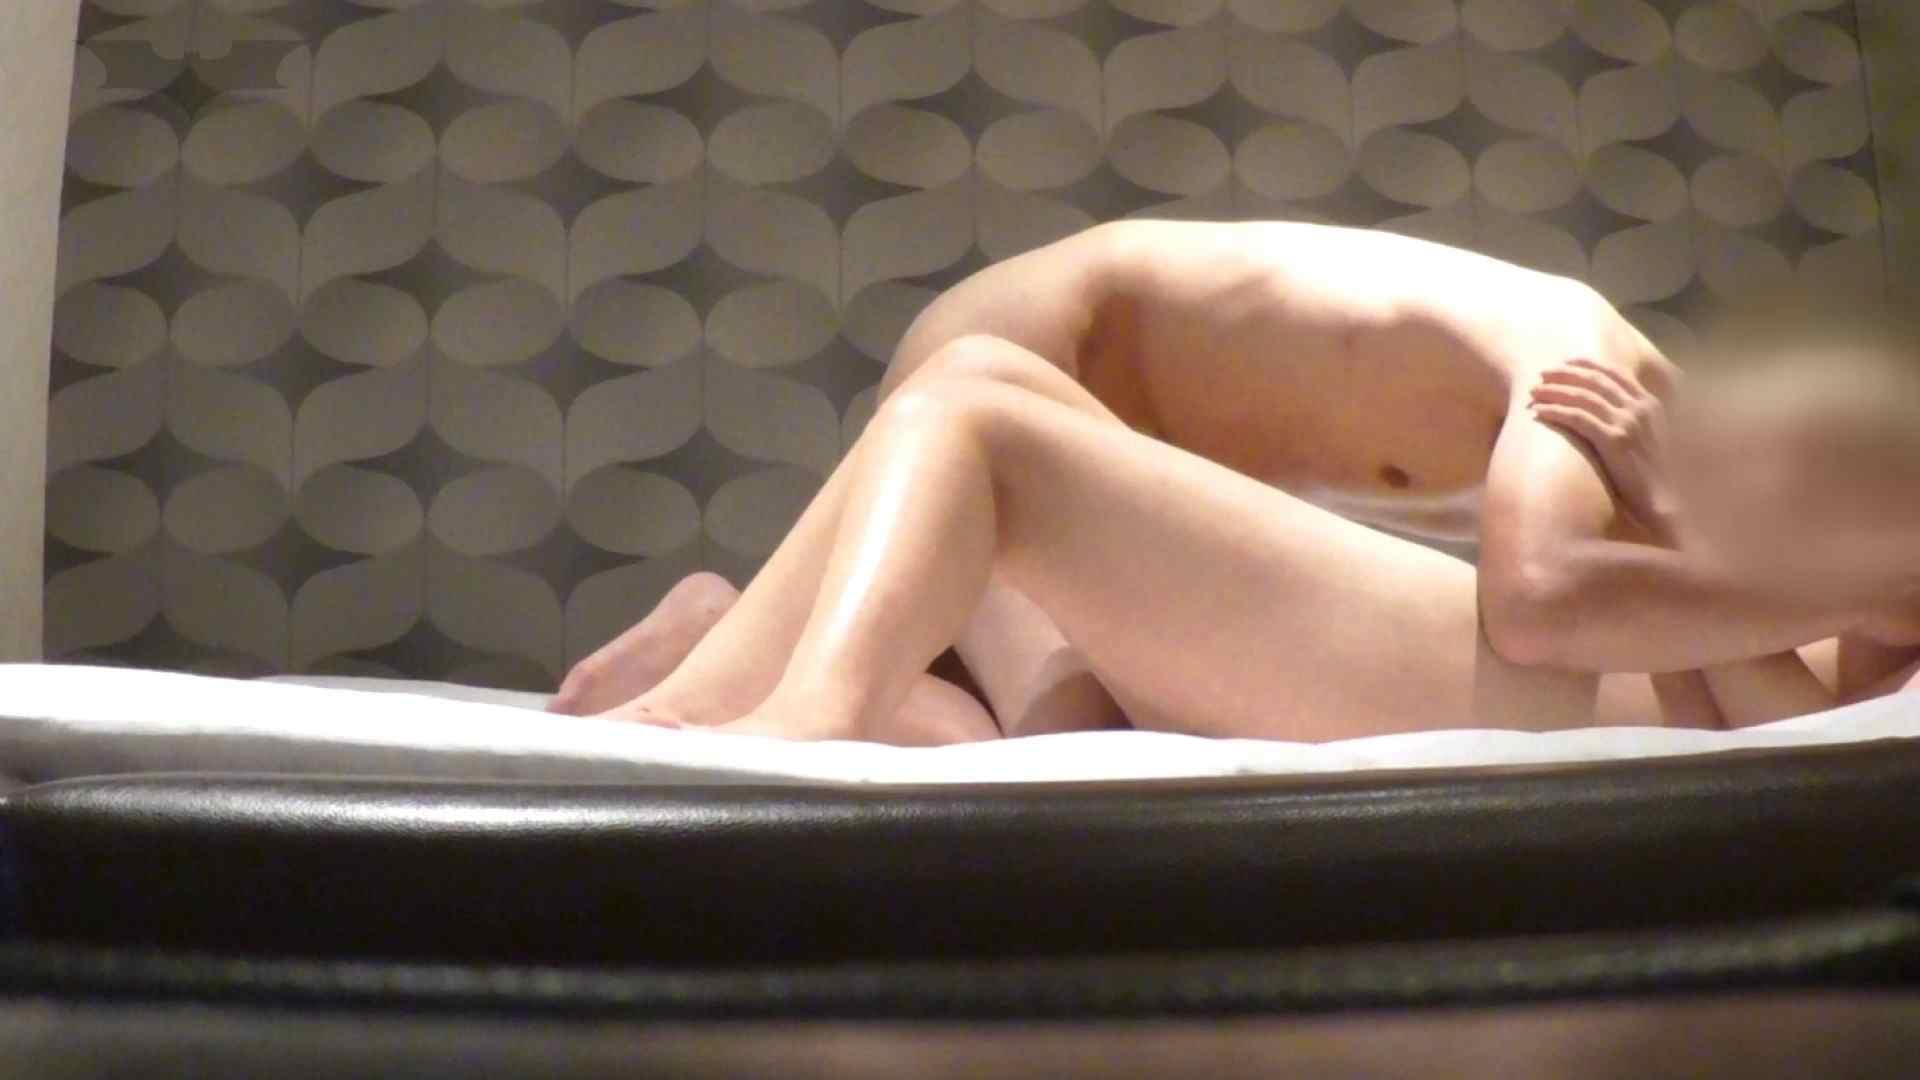 内緒でデリヘル盗撮 Vol.03後編 美肌、美人のデリ嬢わがまま息子がおかわり! 美肌女性 | 盗撮エロすぎ  66連発 16